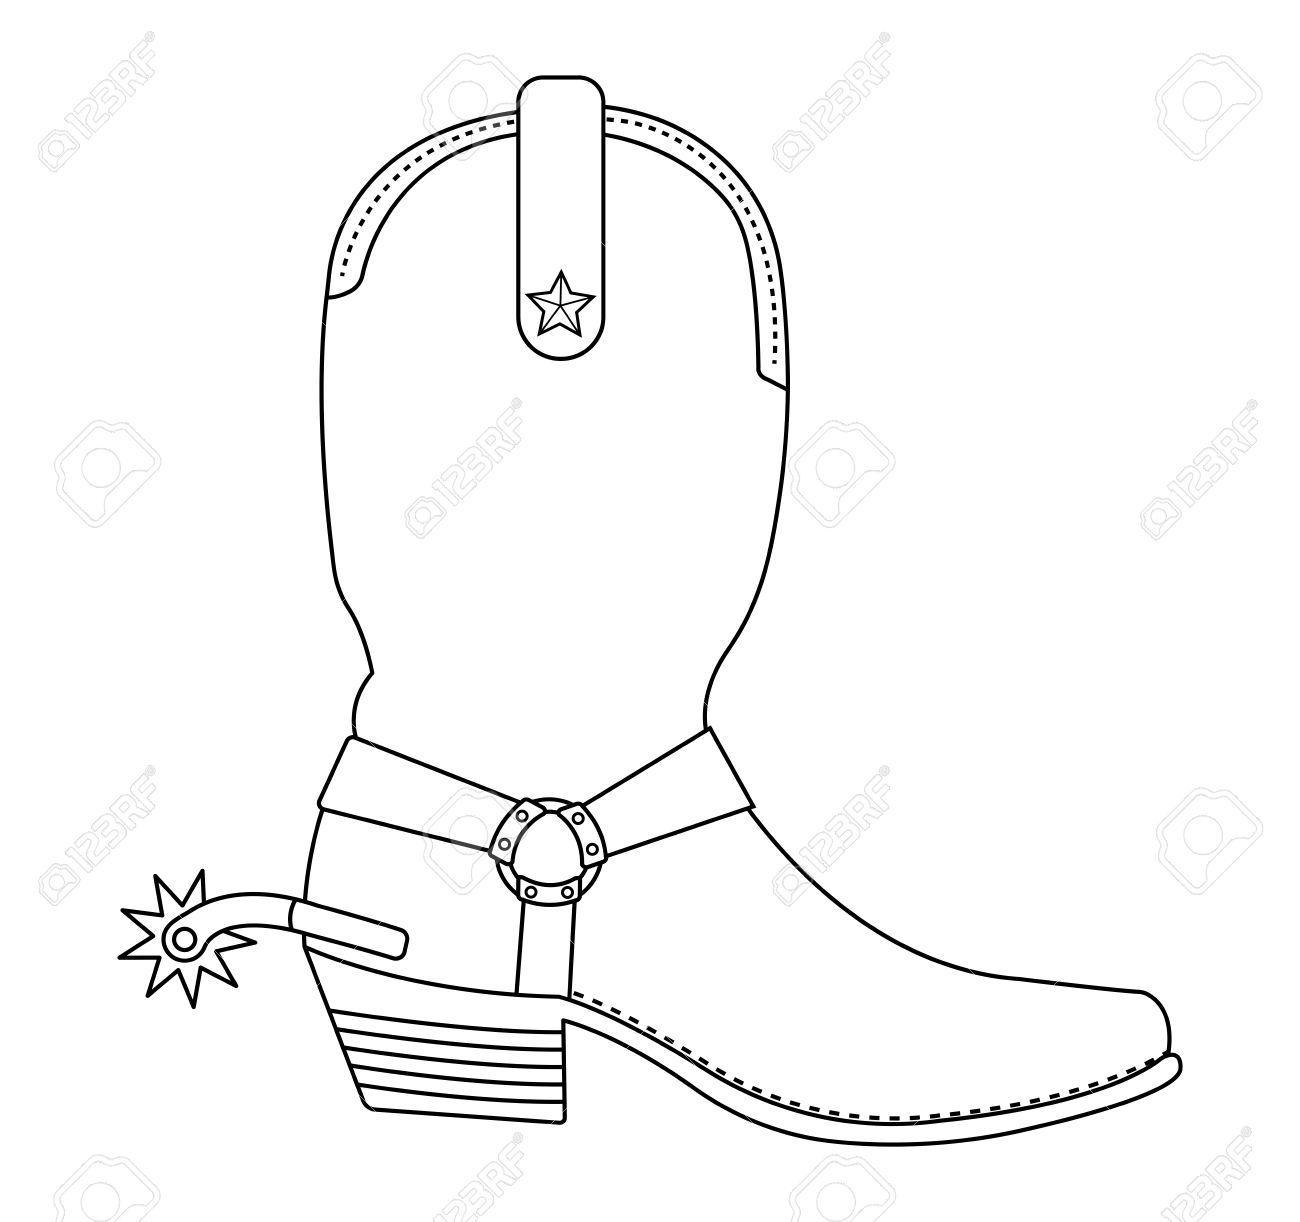 34+ Cowboy Boot Outline Clip Art.